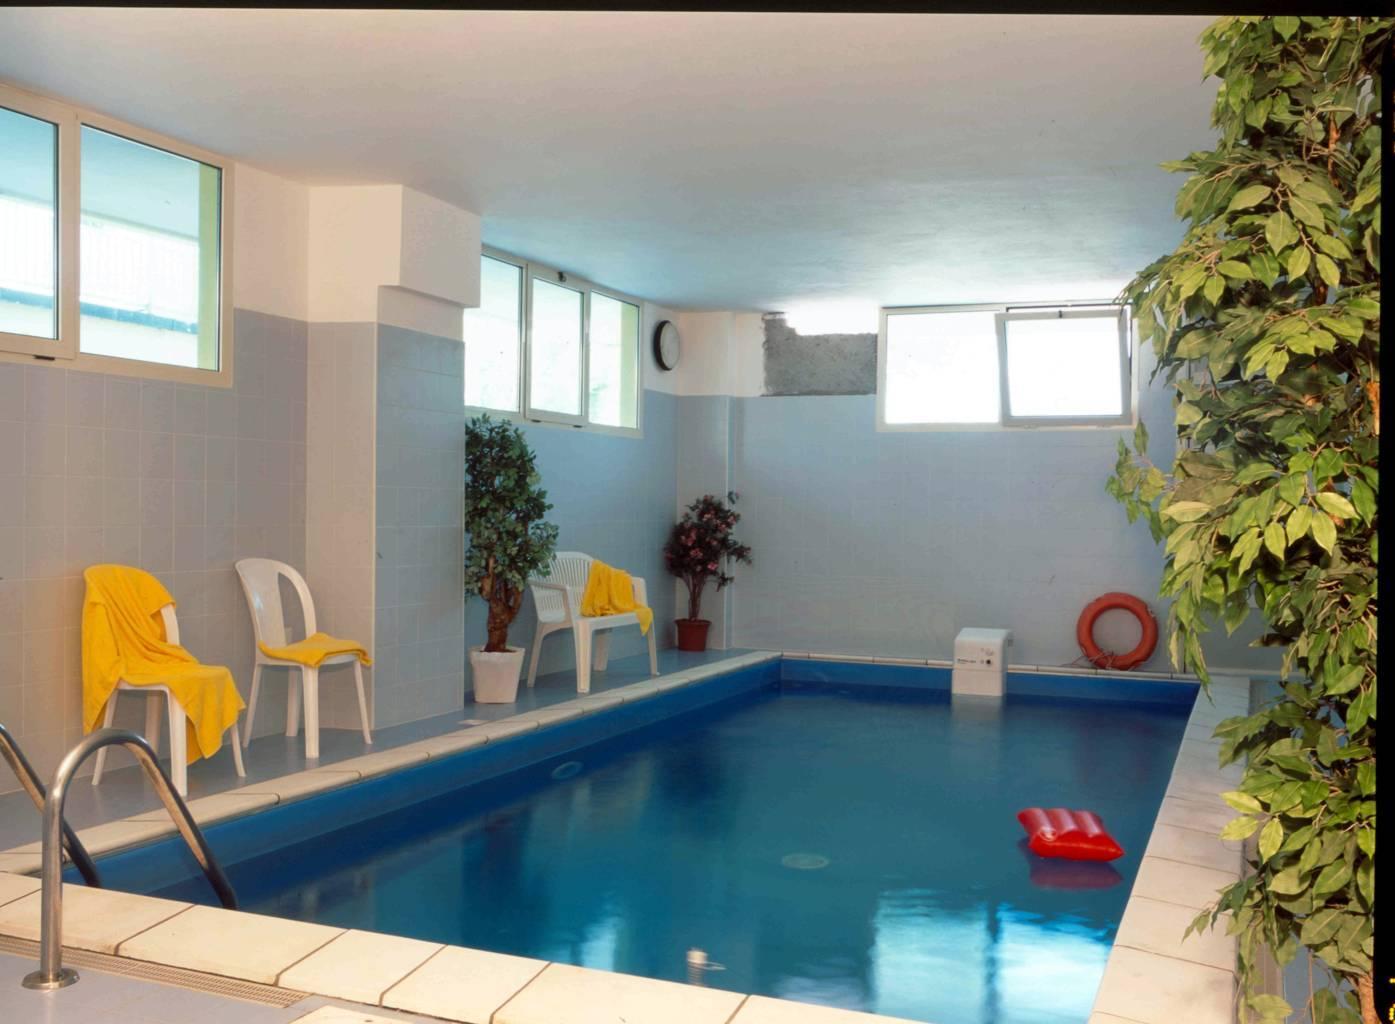 Hotel a rimini con piscina interna remin plaza hotel - Hotel corvara con piscina interna ...